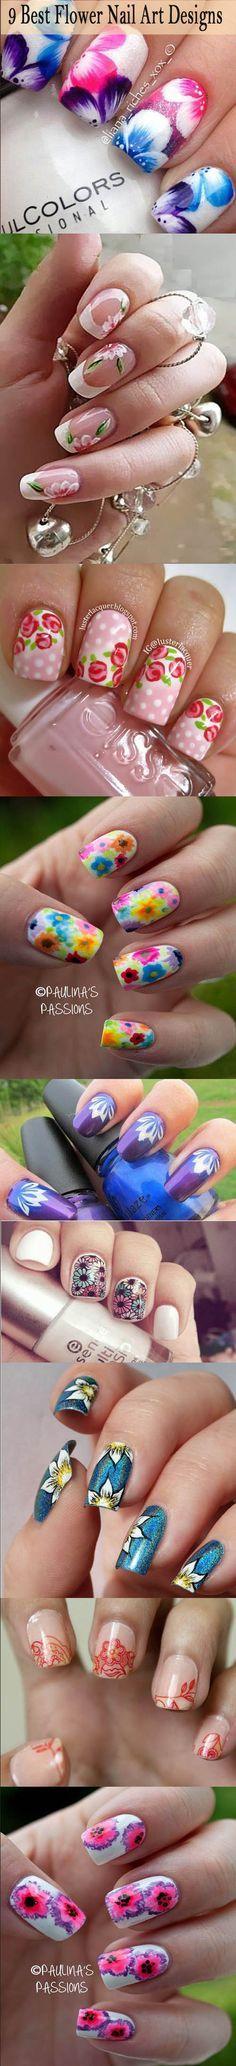 Nails de